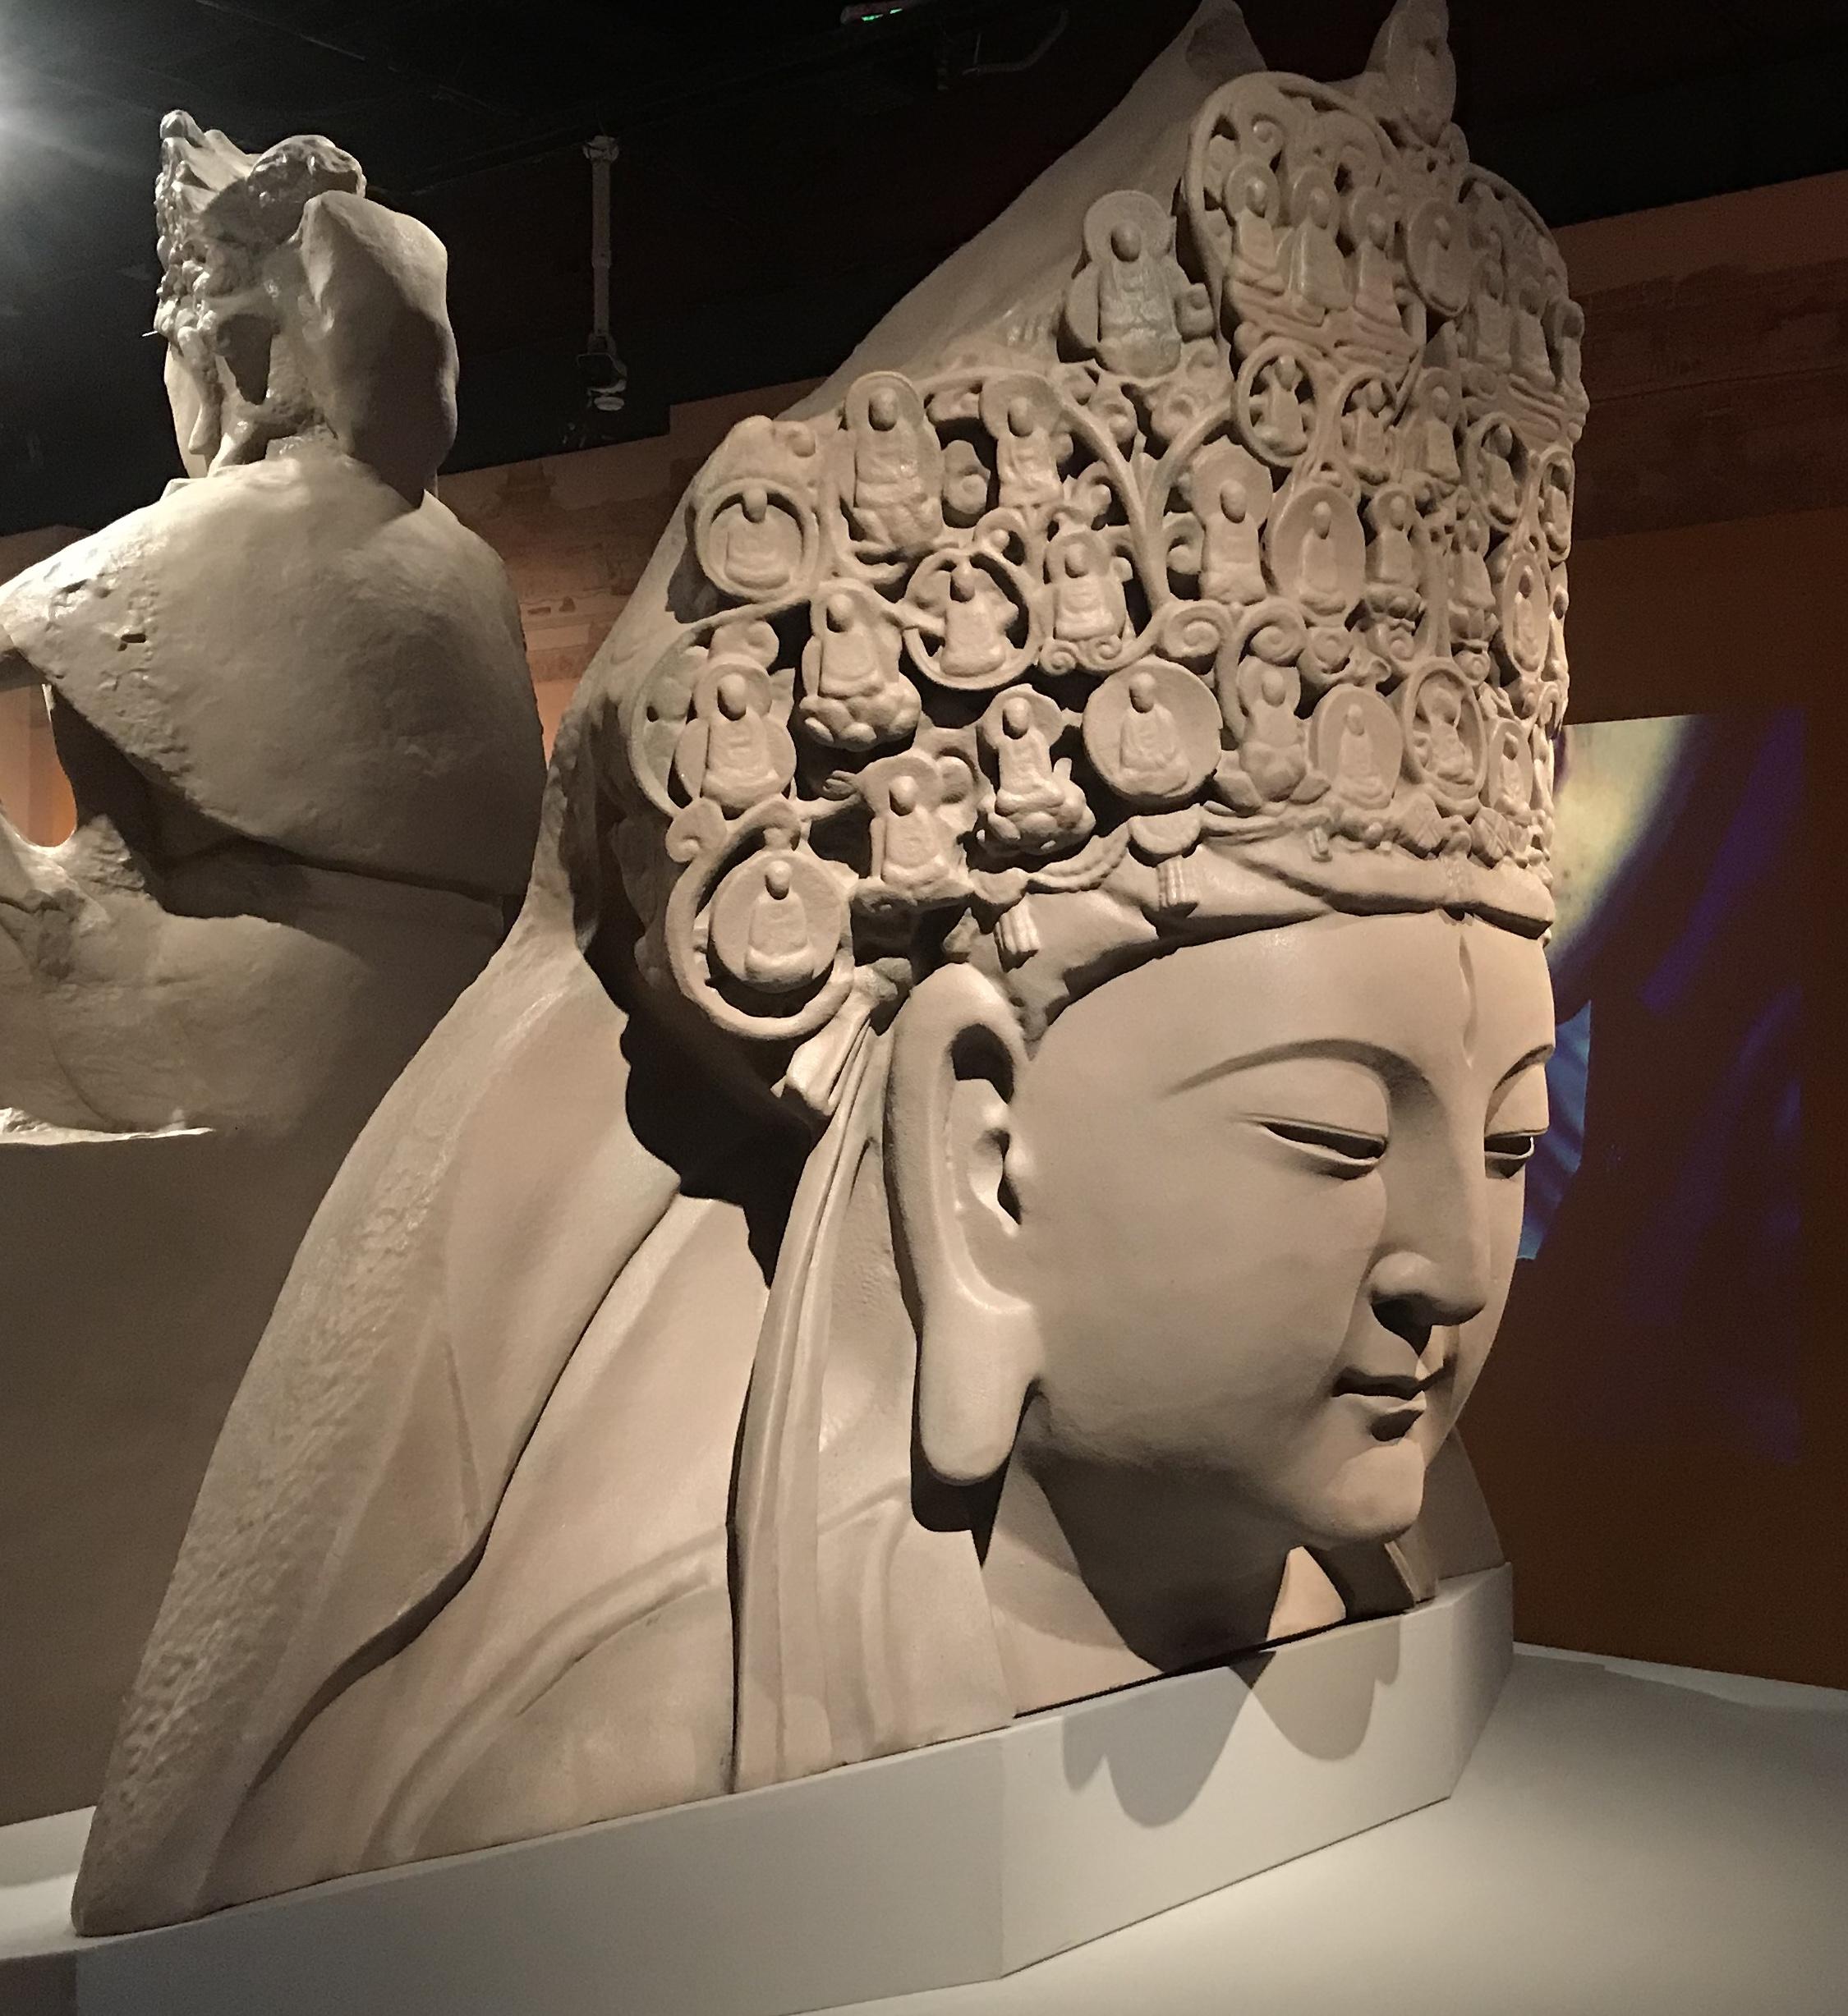 千手観音主尊頭像-3Dプリンター複製-天下の大足-大足石刻の発見と継承-金沙遺跡博物館-成都